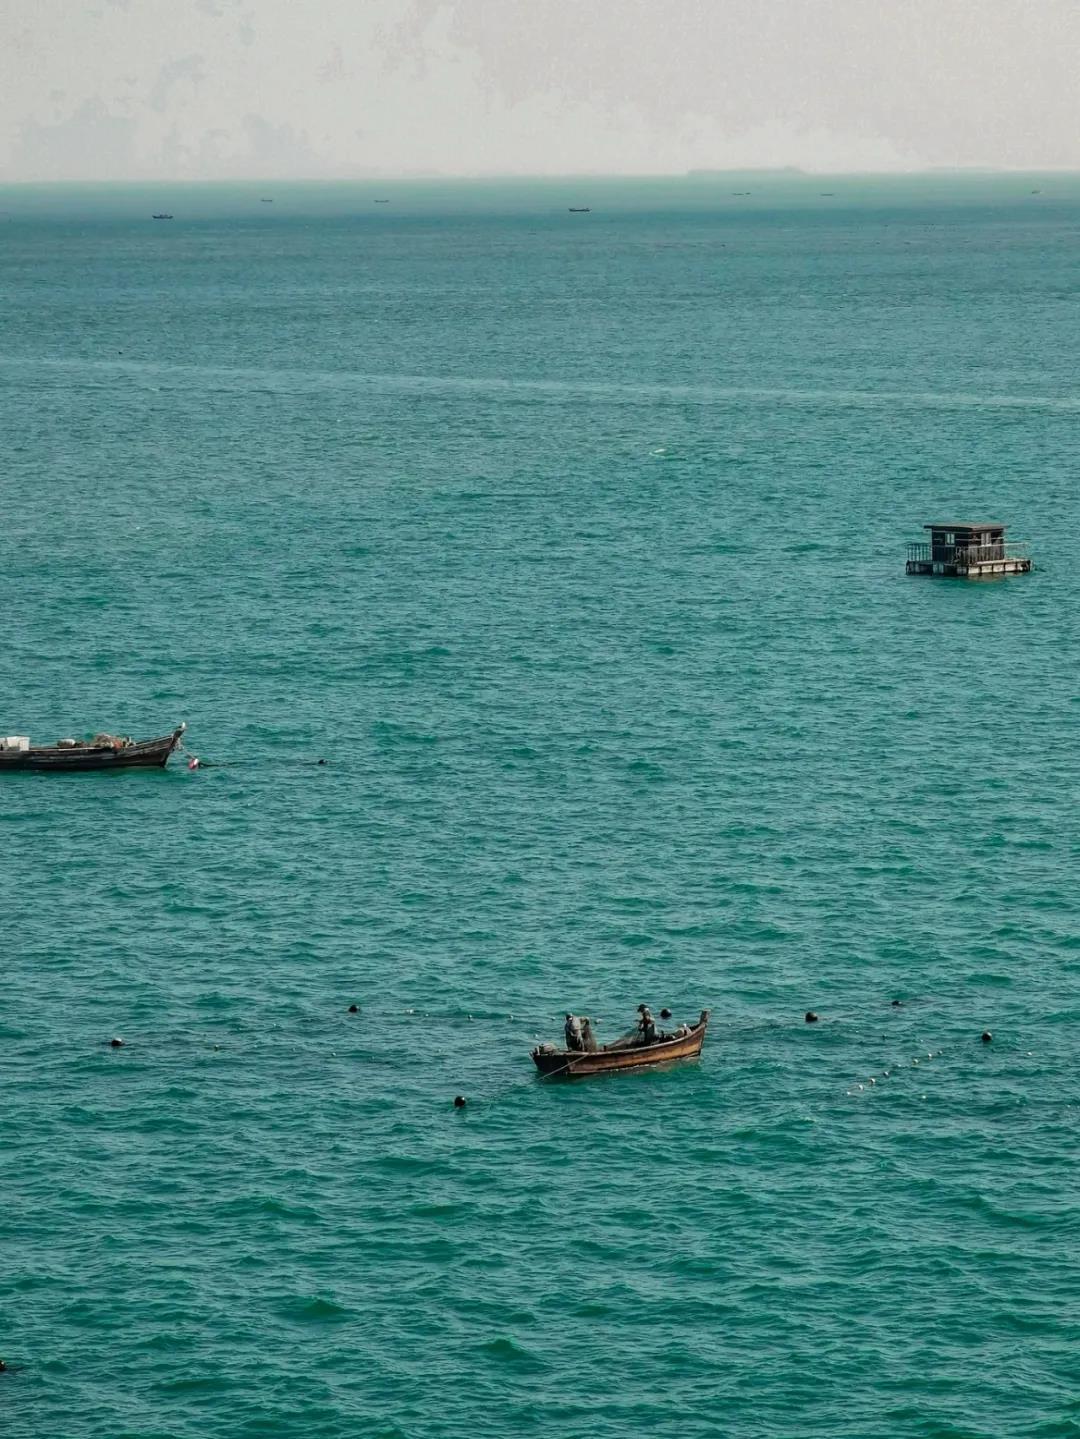 享受渤海的风——国内邮轮之旅|国内旅游 2